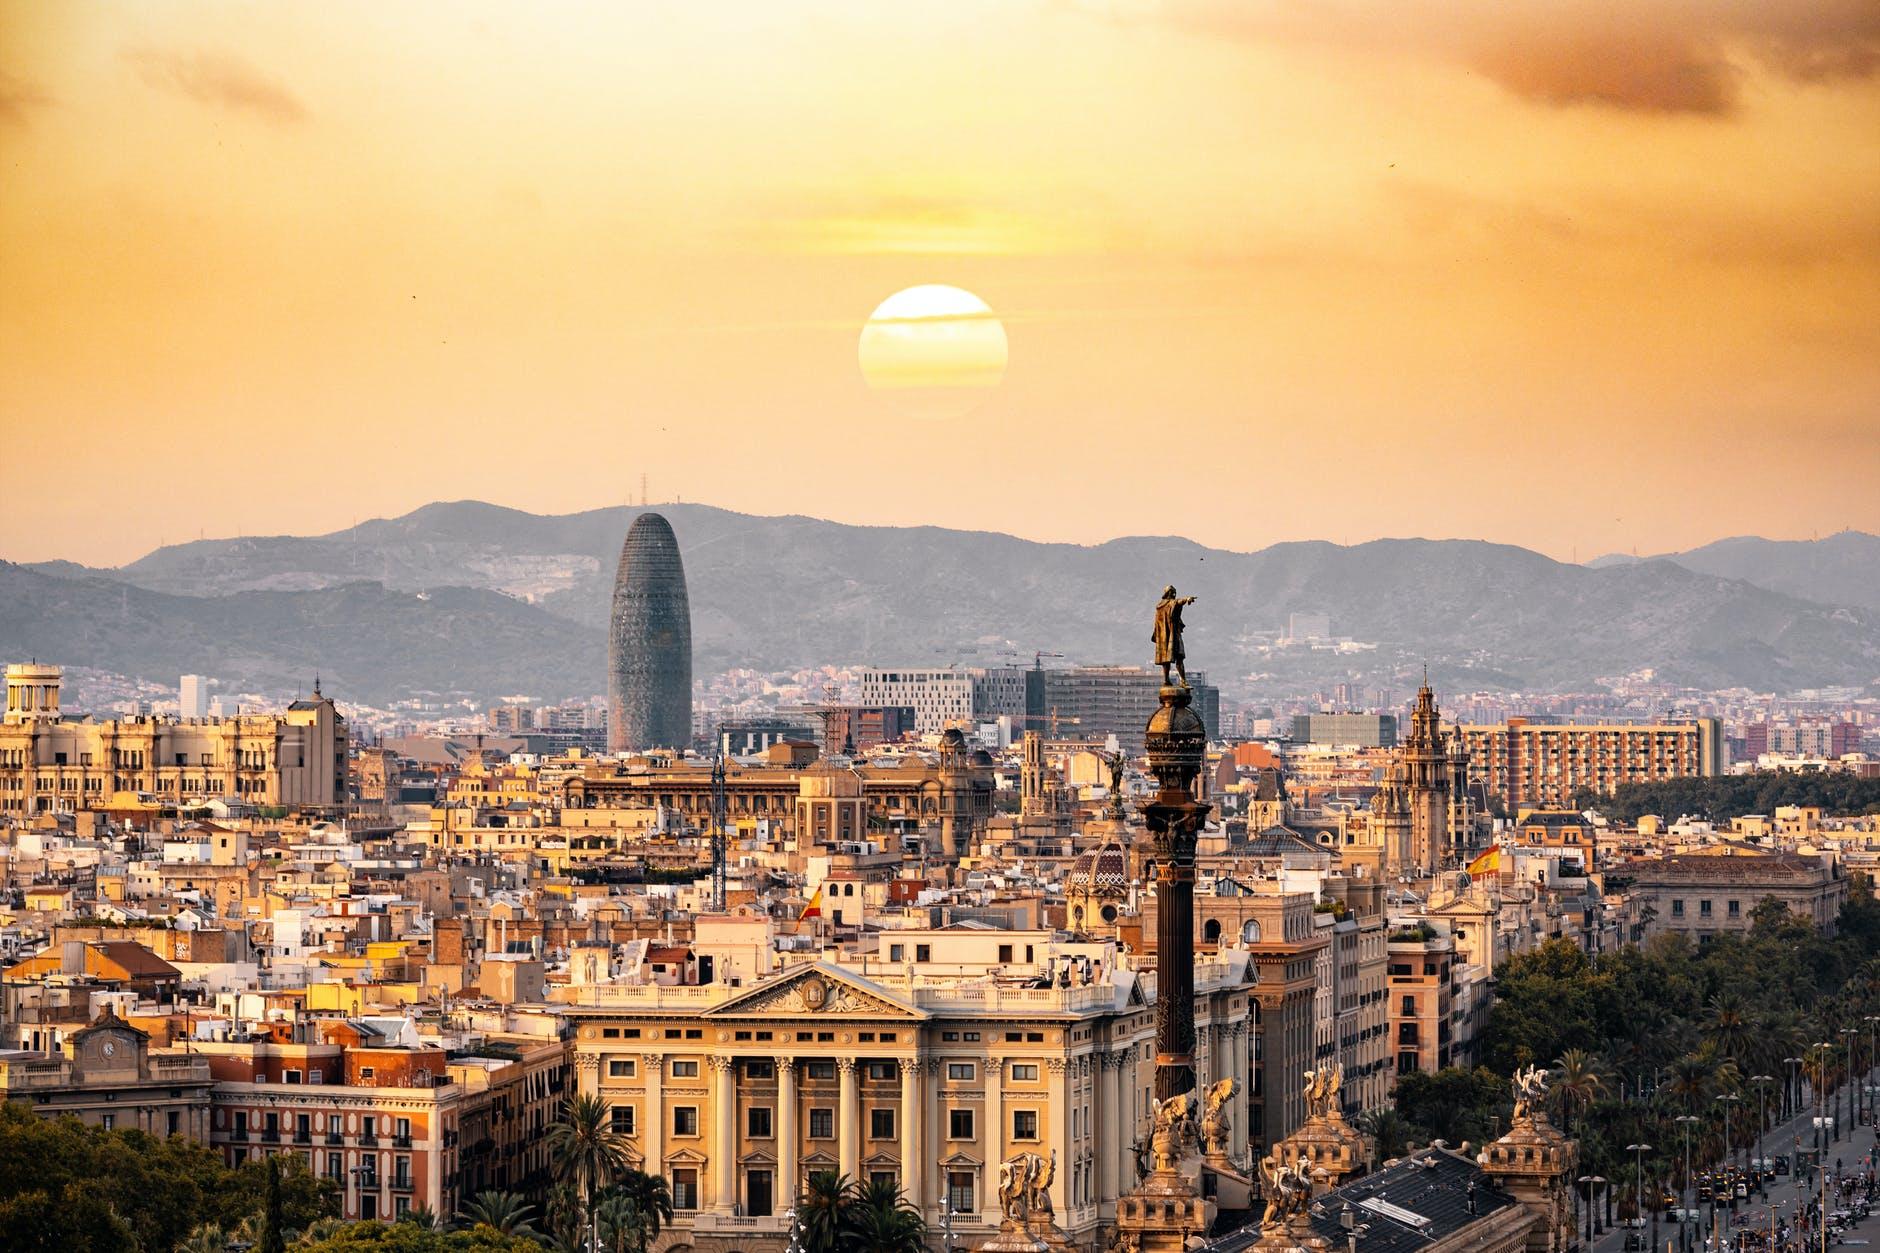 Барселона находится на 8-ом месте в списке лучших городов мира для проживания и работы